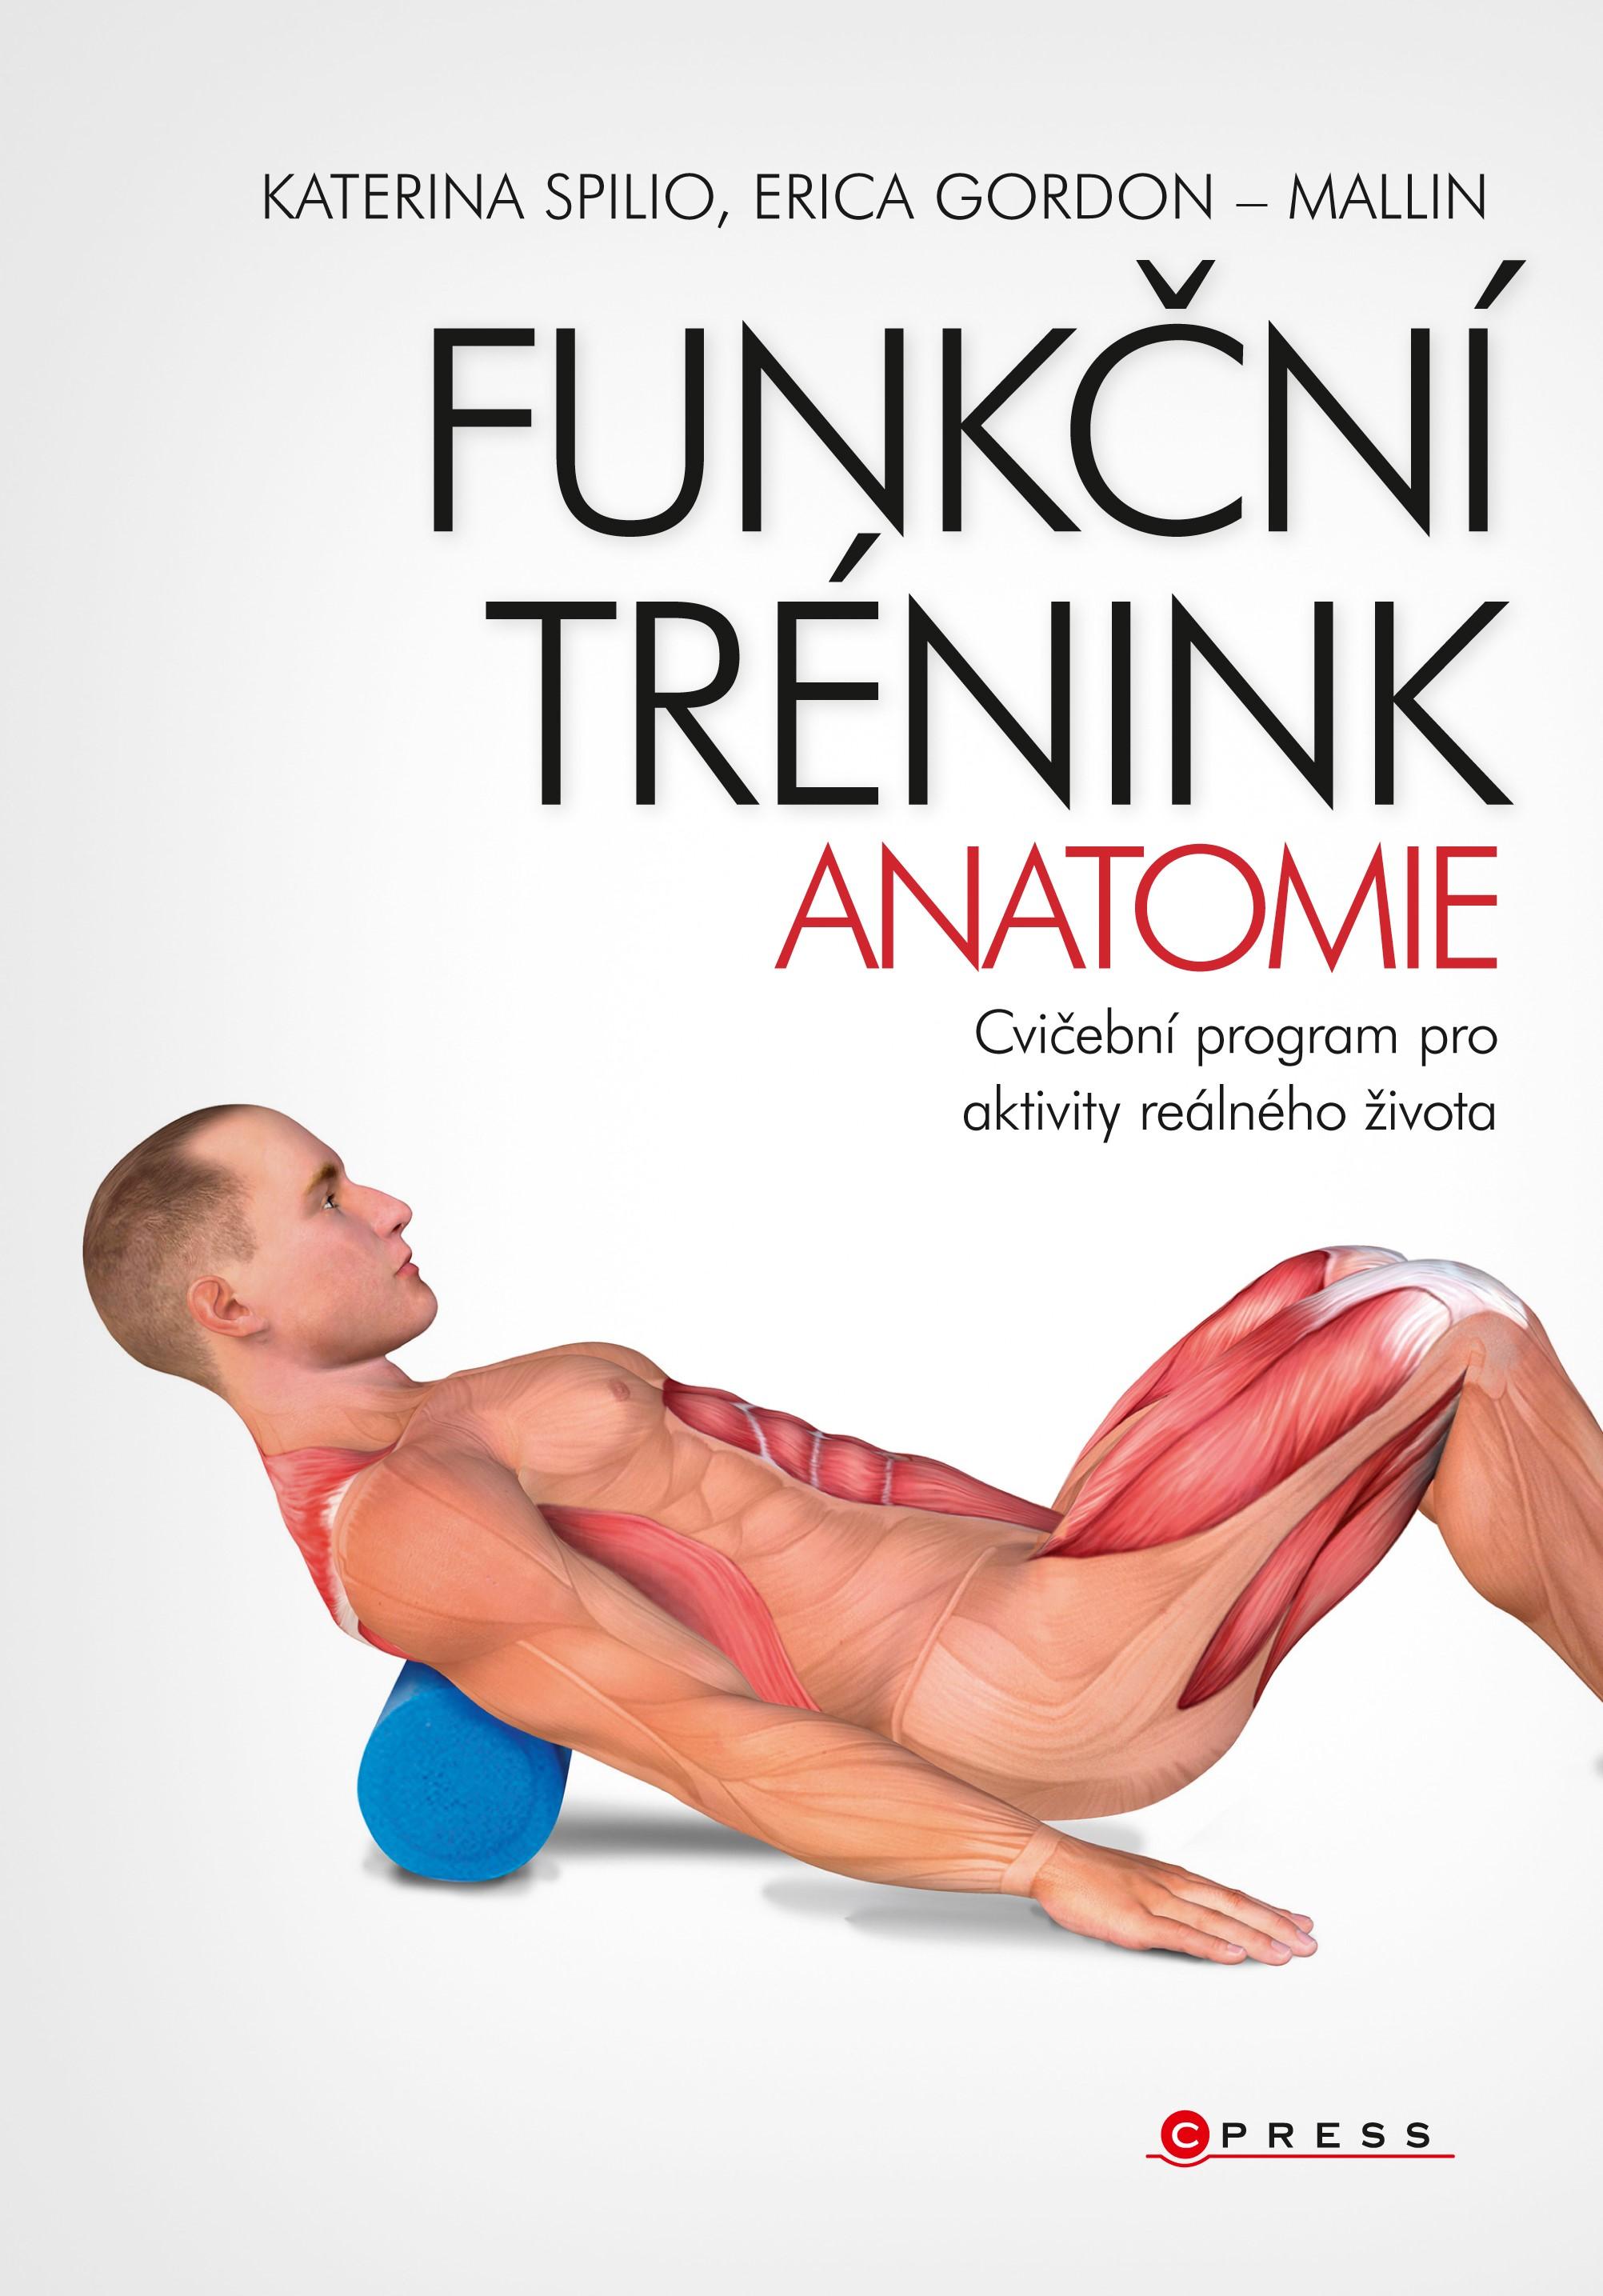 Funkční trénink - anatomie | Katerina Spilio, Erica Gordon-Mallin